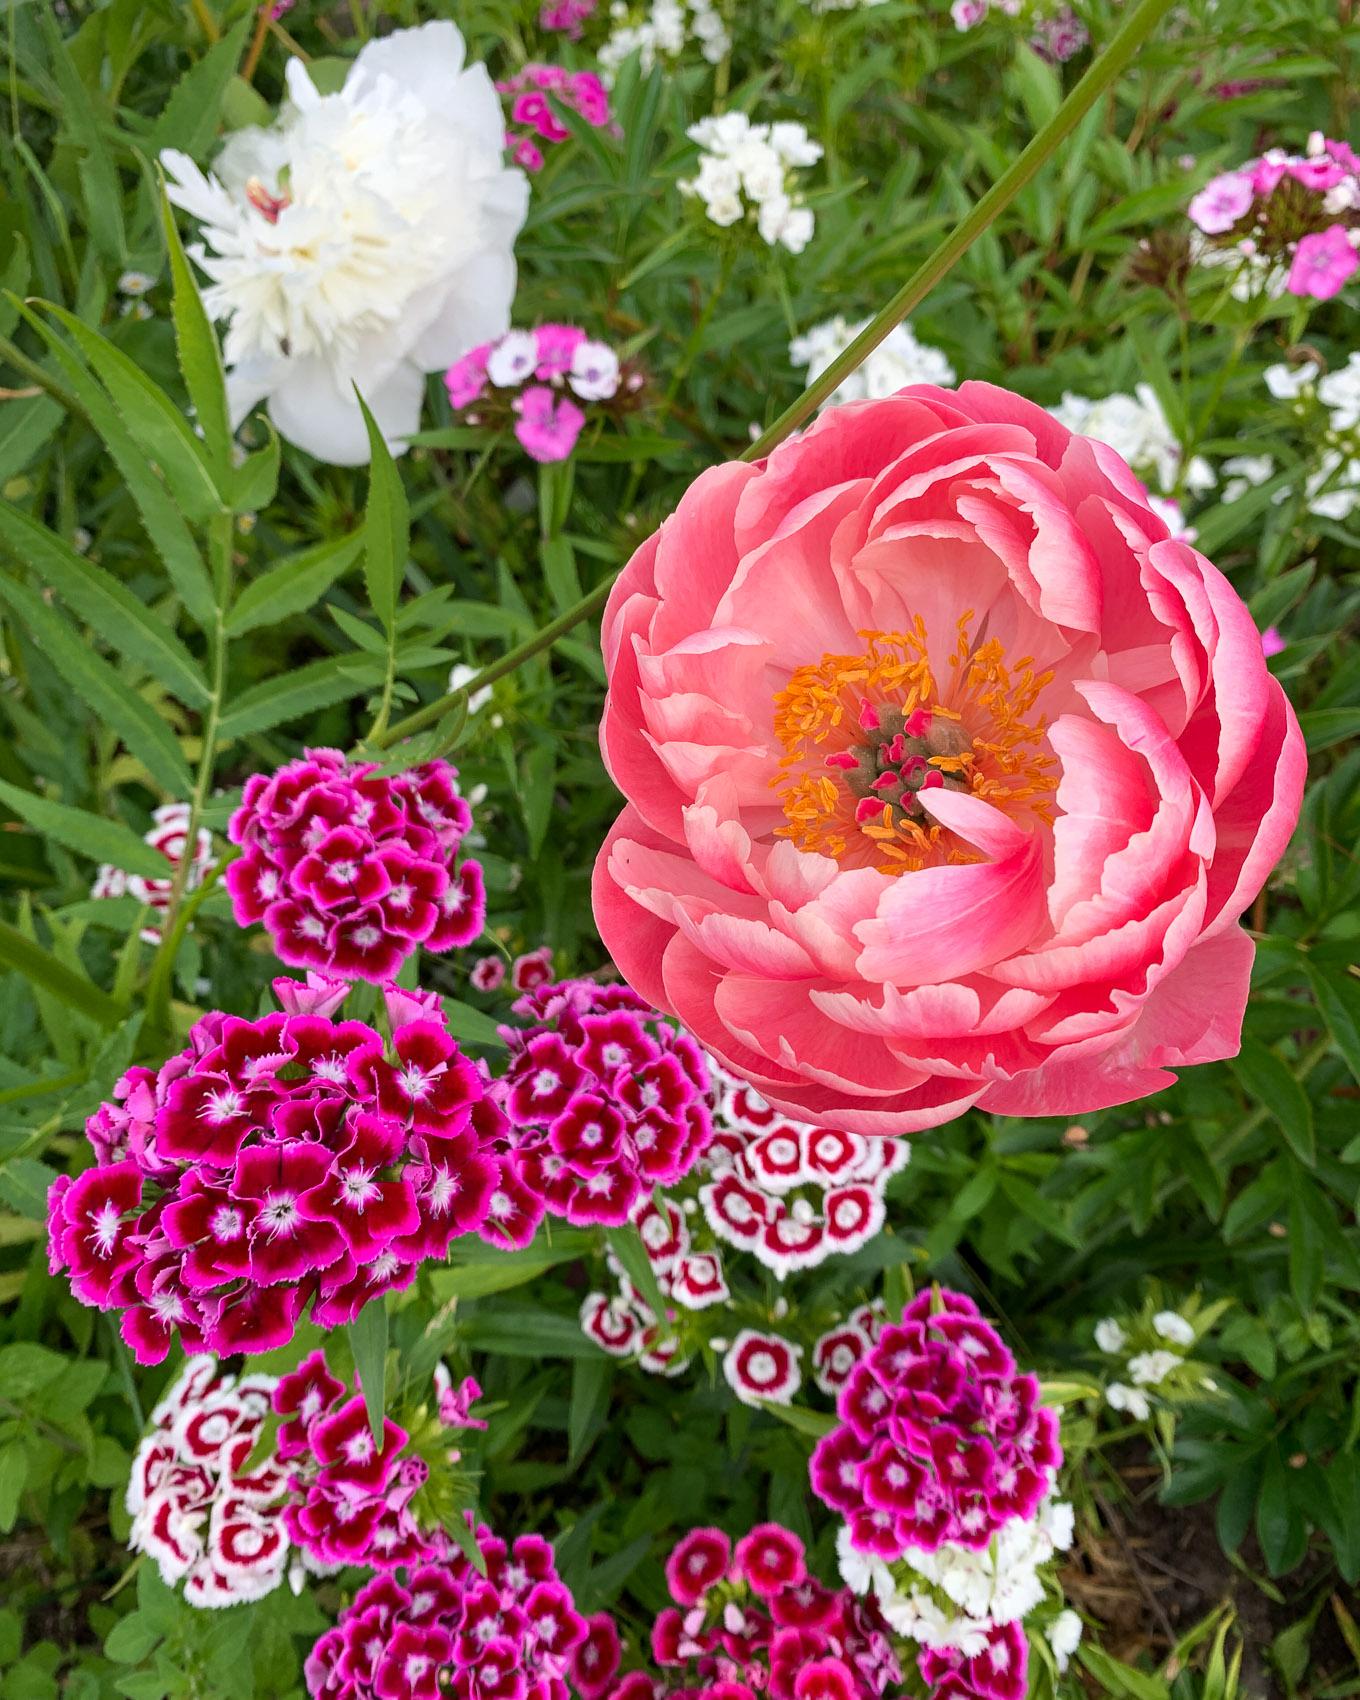 Kuulumisia puutarhasta, kasvihuoneesta ja kasvatuslaatikoista